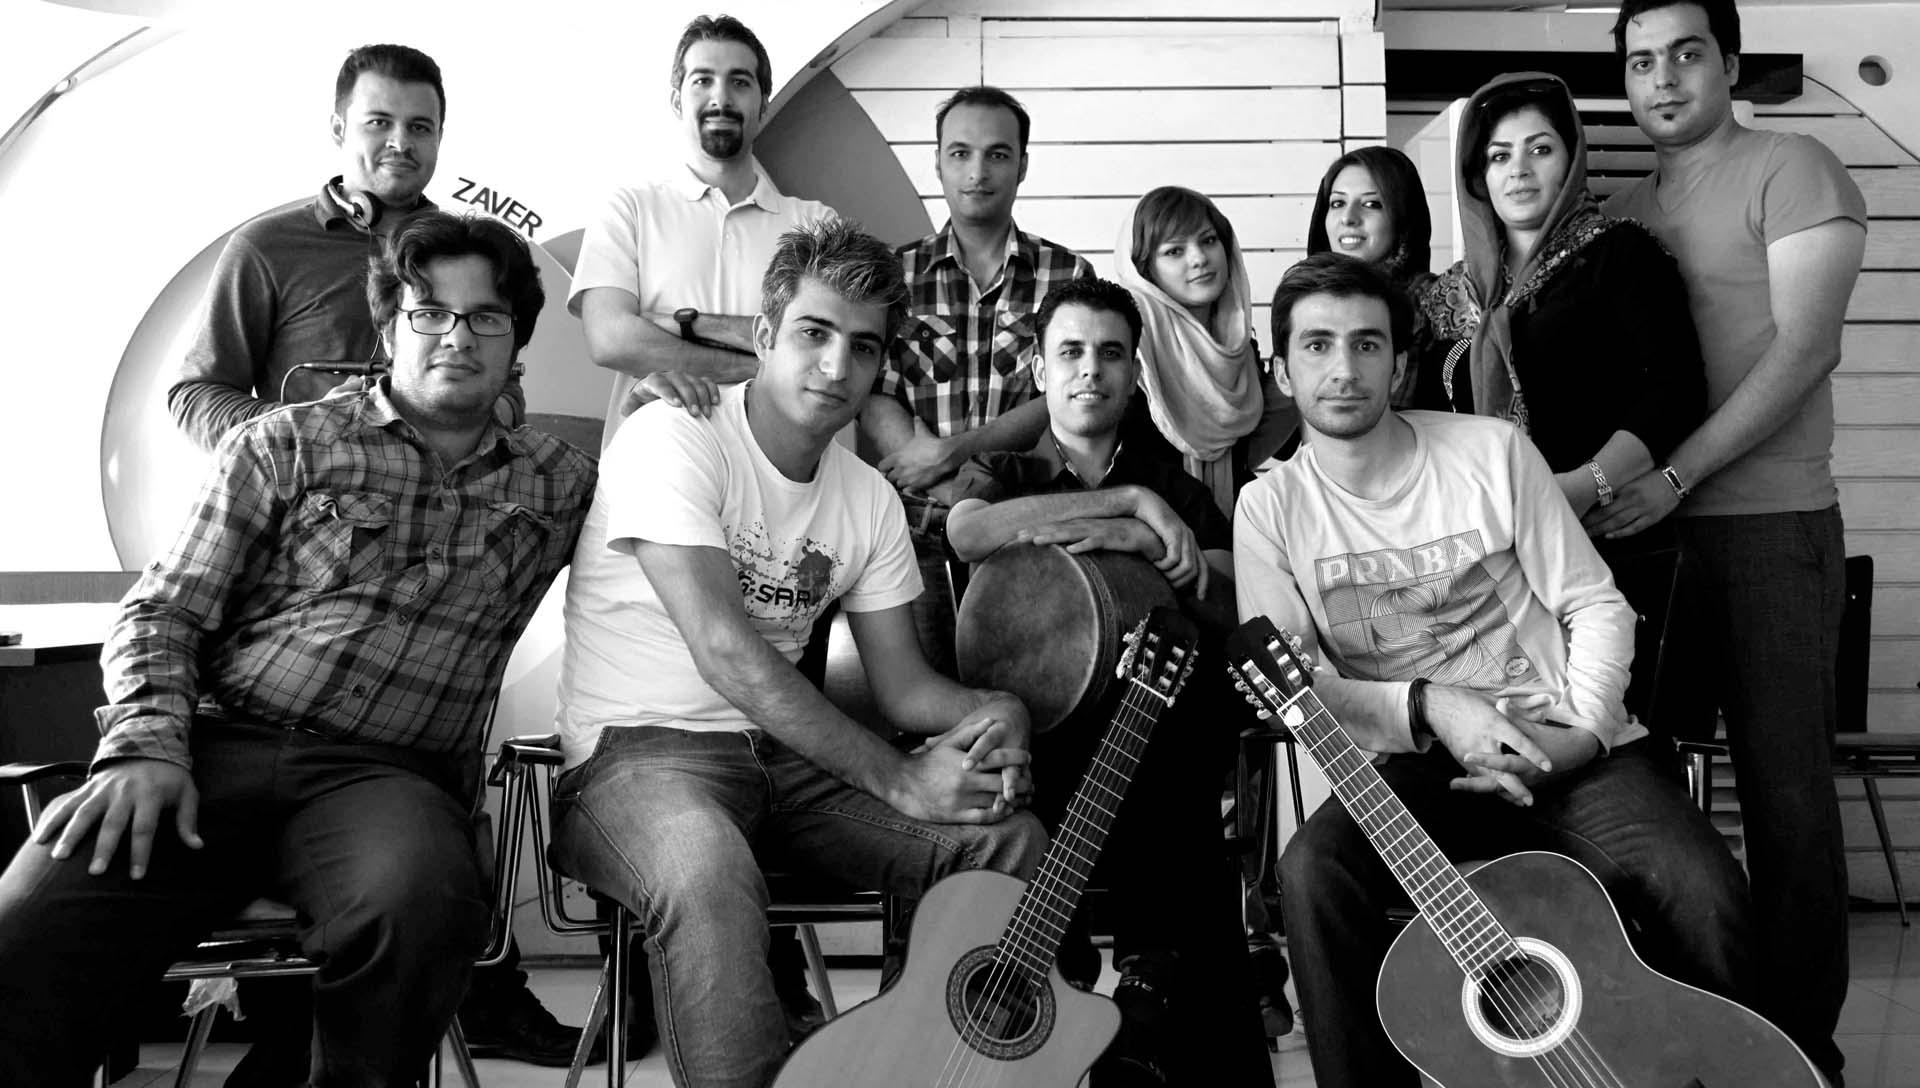 واسونک عکس 04 - شرکت فیلم سازی زوم شیراز برادران شریفی